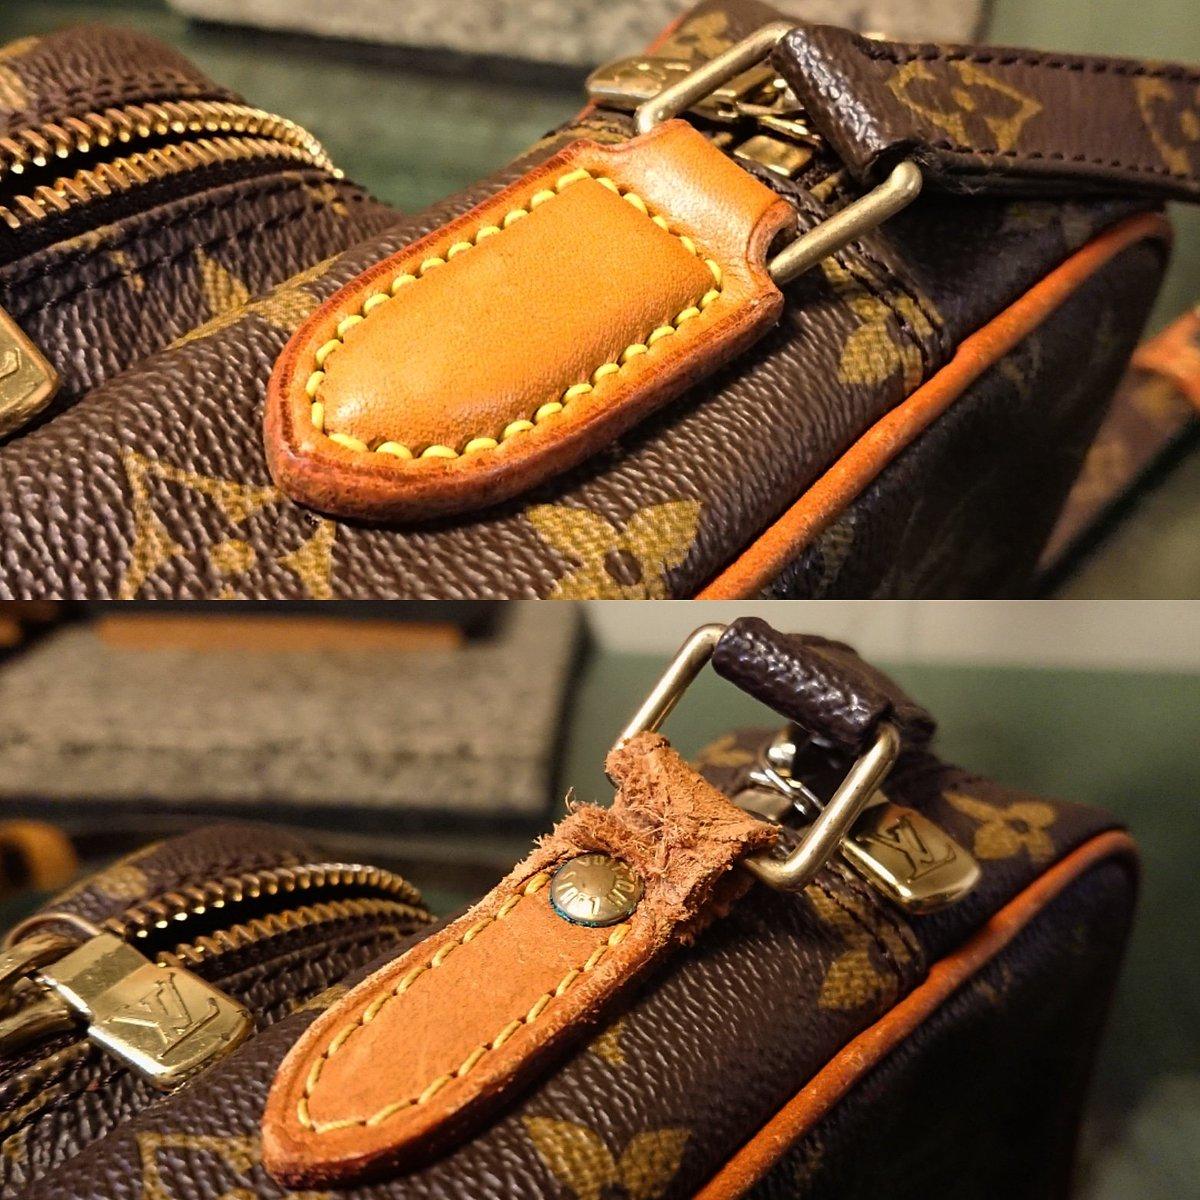 鞄の根革の修理完了。 #leather #leathercraft #handmade #handcrafted #bespoke #chelsealeatherartwork #革 #革細工 #レザー #レザークラフト #オーダーメイド #オーダーウォレット #bespokeleather #オーダー承ります #オーダー受付中 #鞄の修理